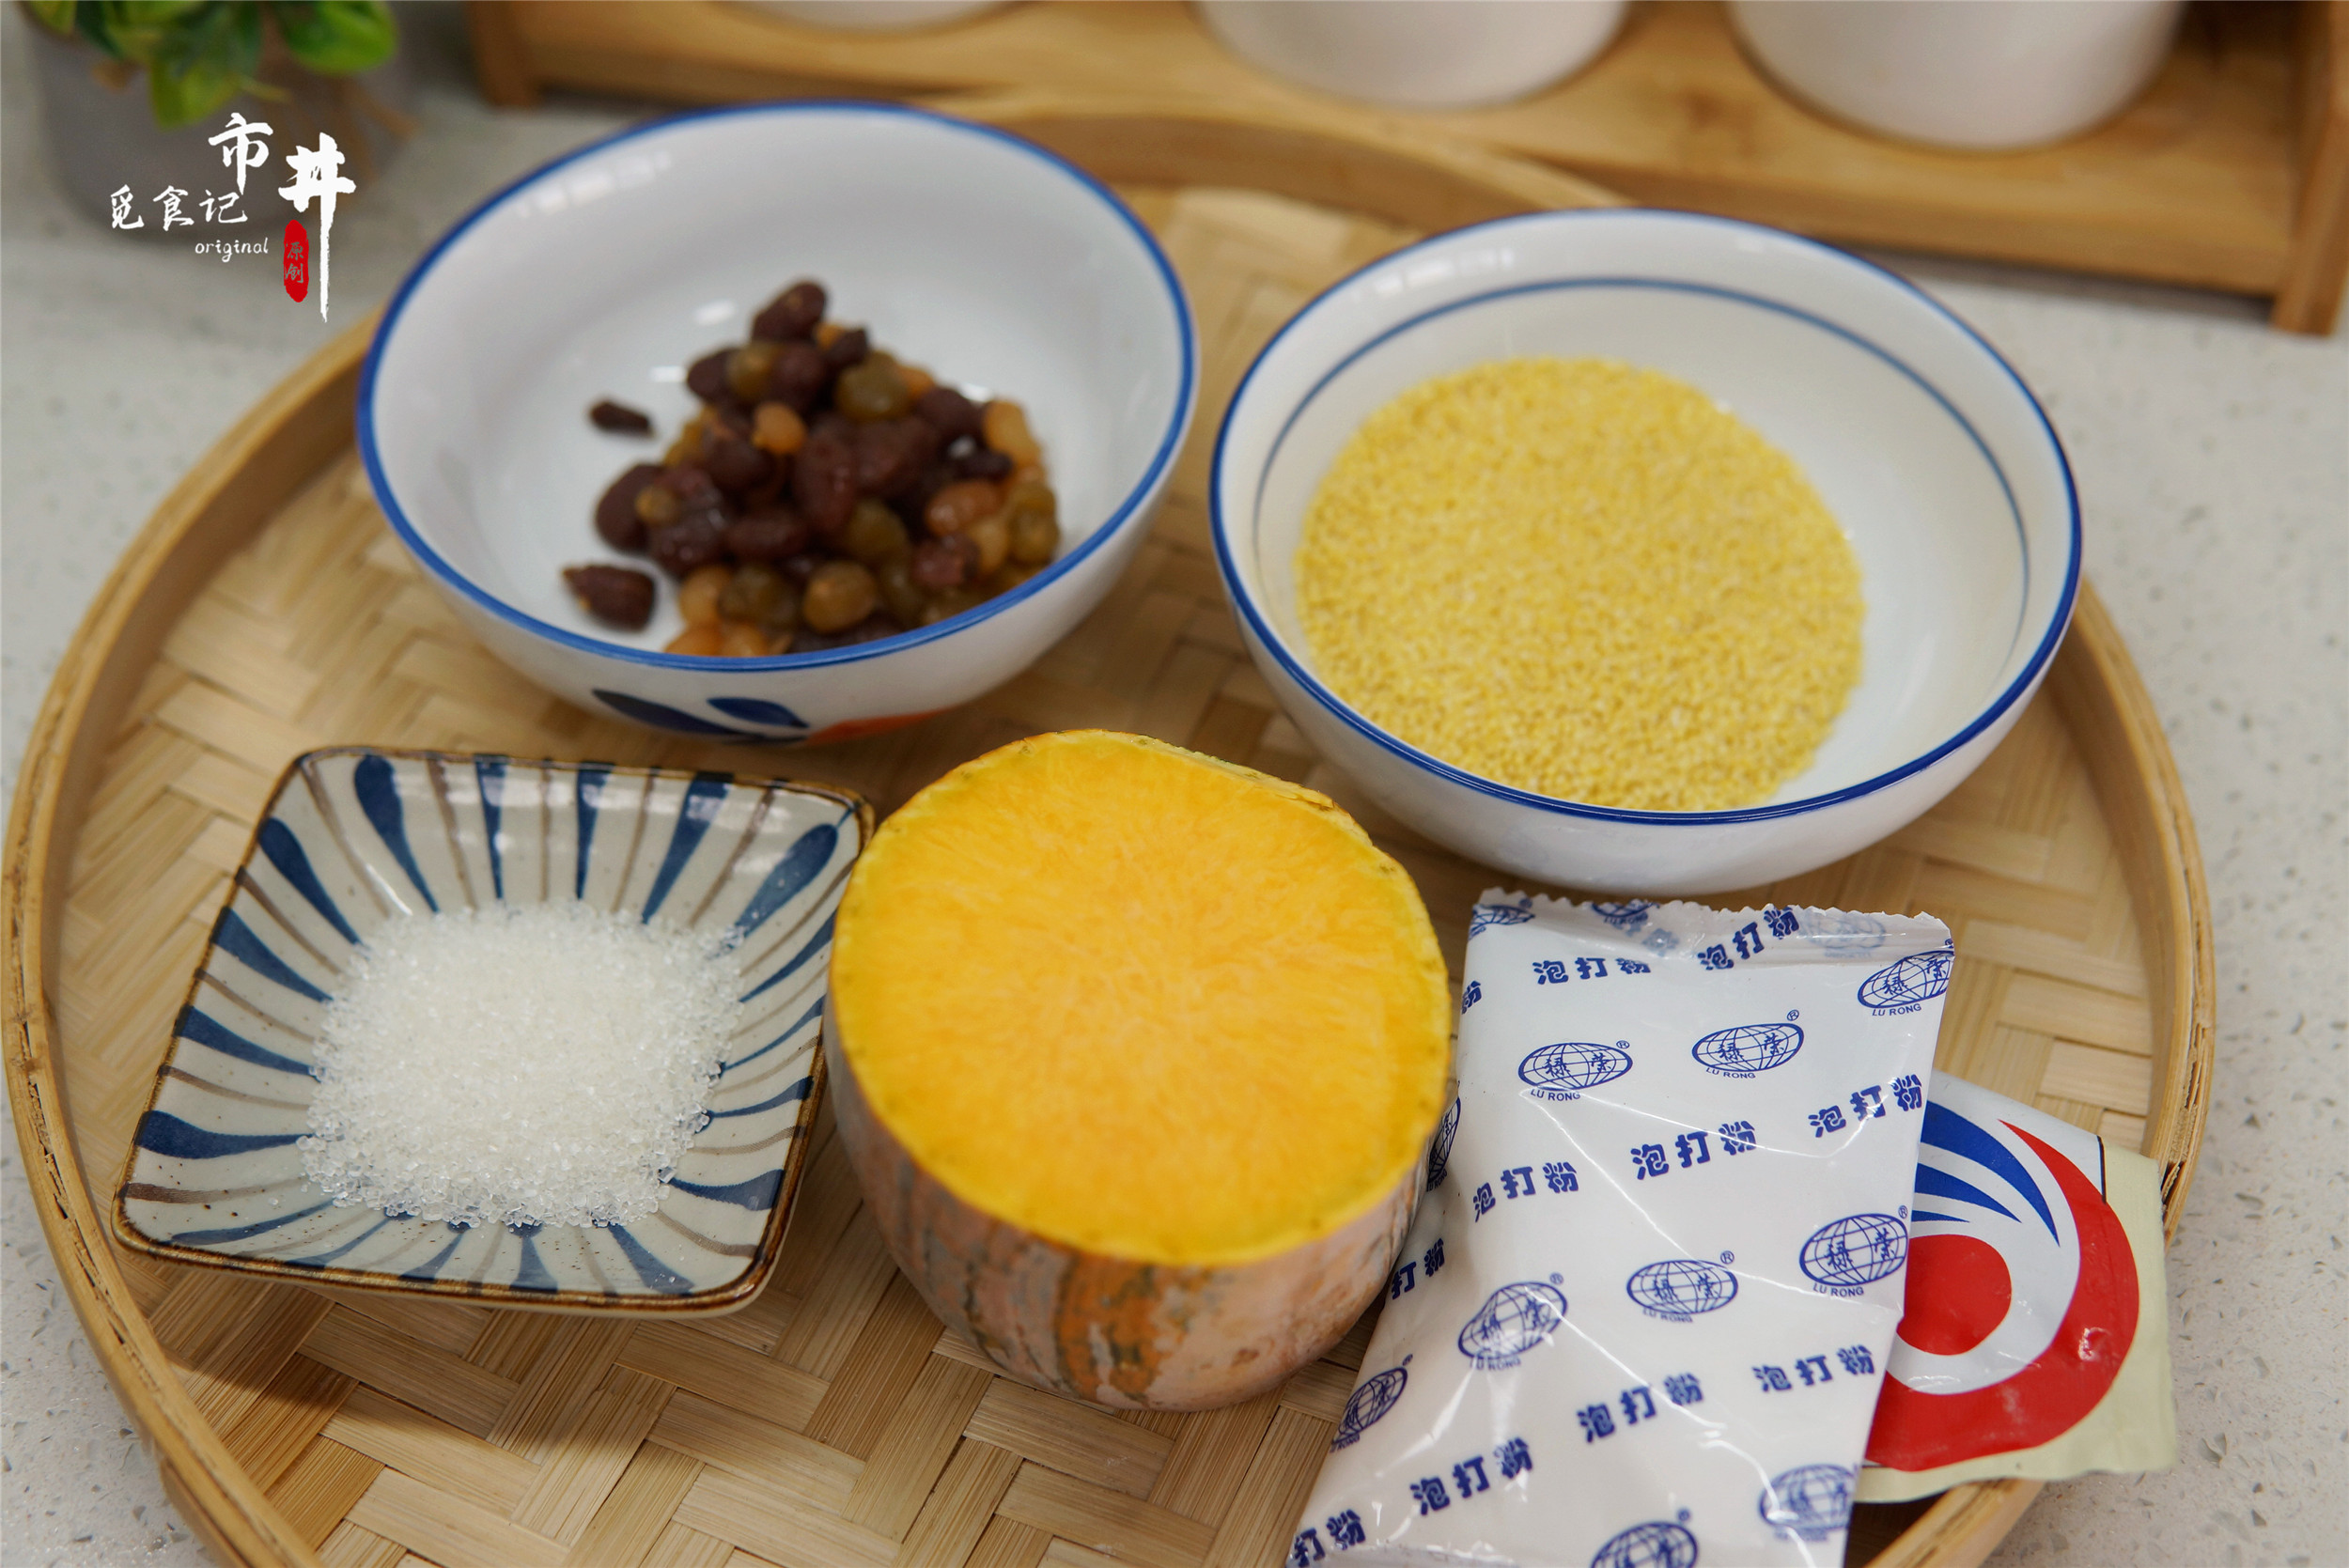 天冷了,超市碰上這菜我從不手軟,買幾斤和小米蒸發糕,全家愛吃